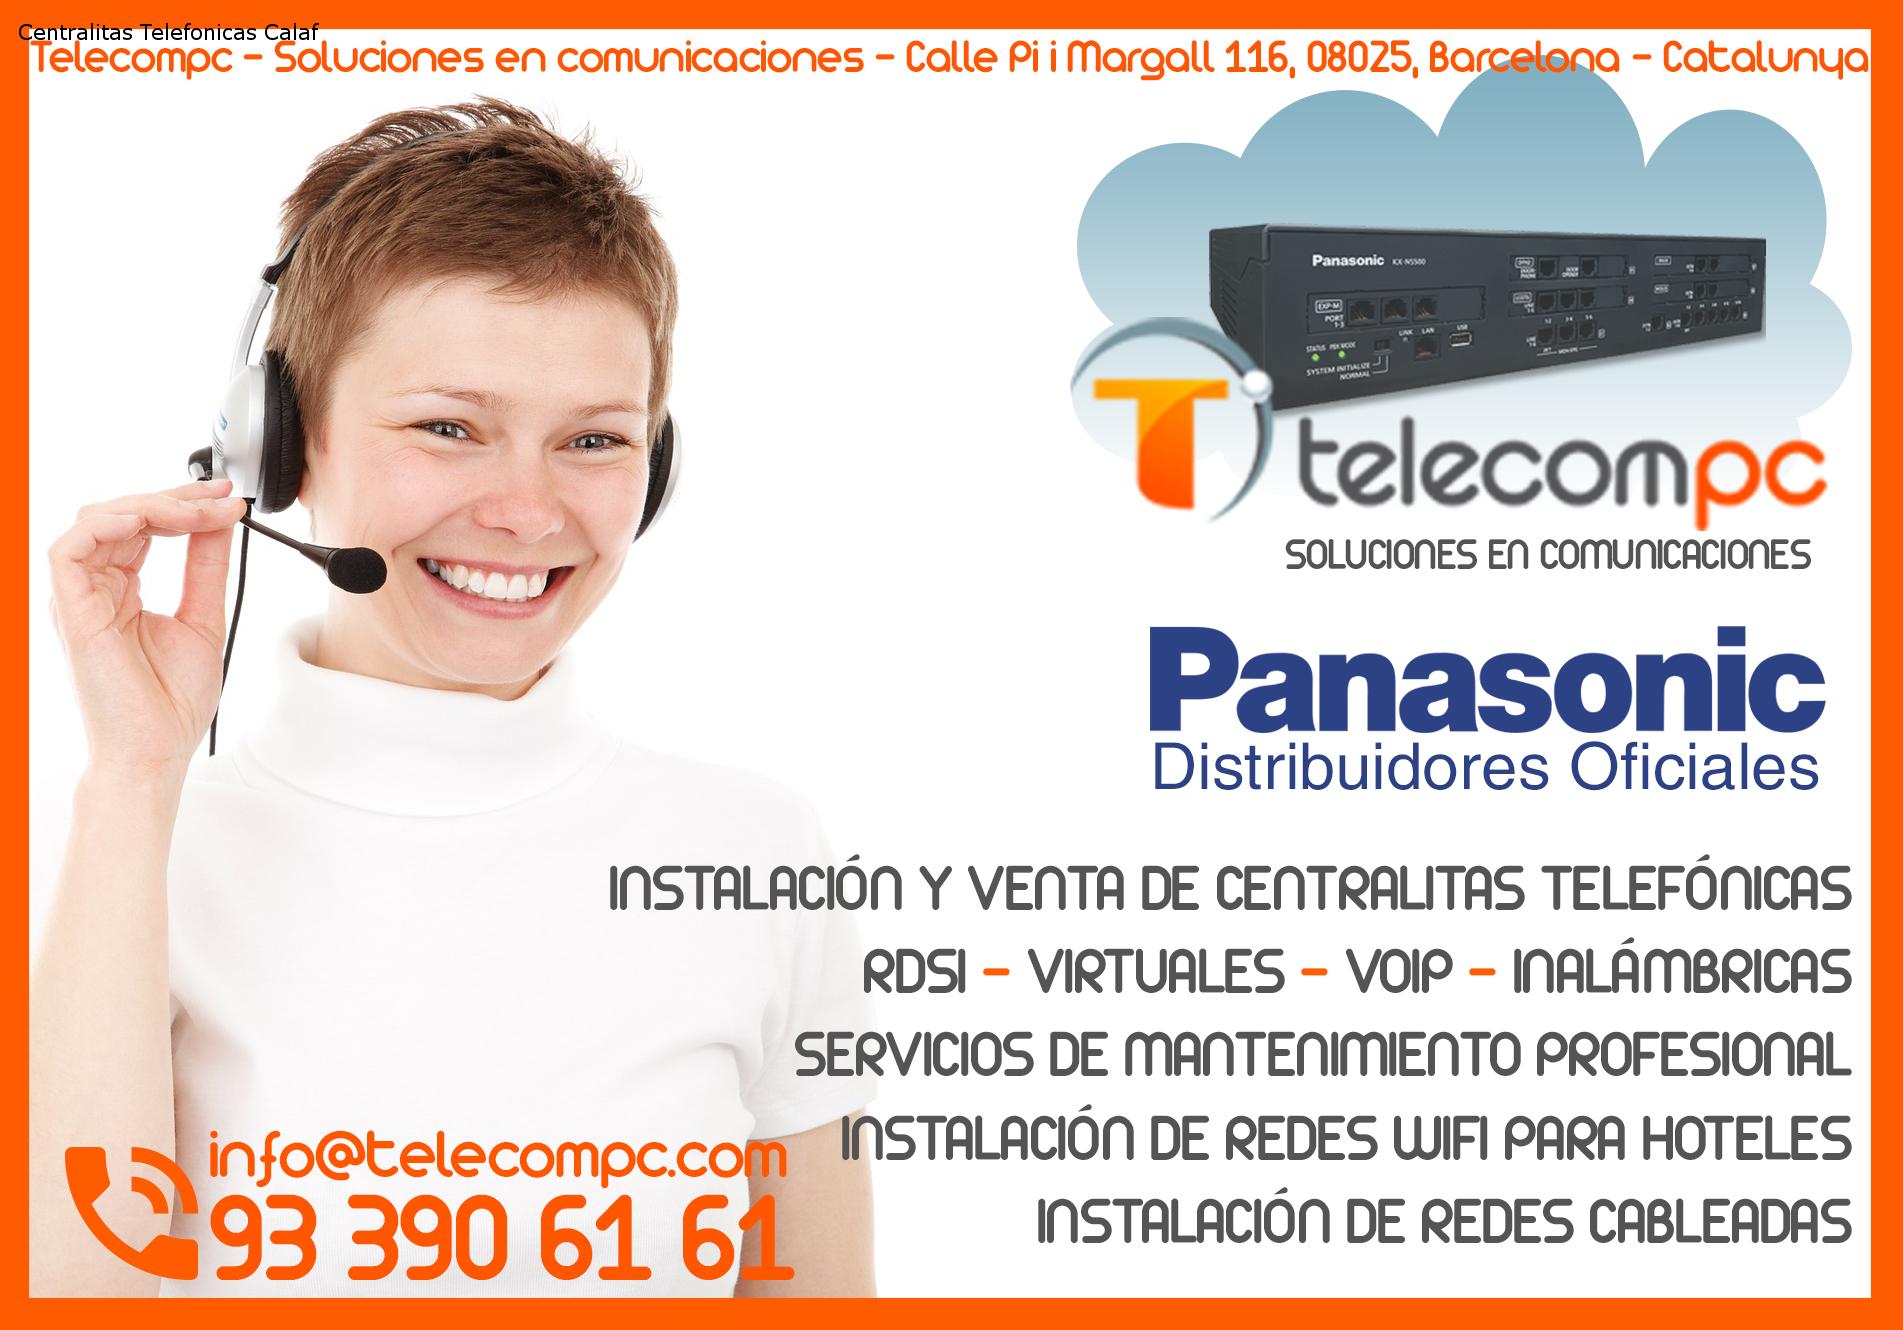 Centralitas Telefonicas Calaf